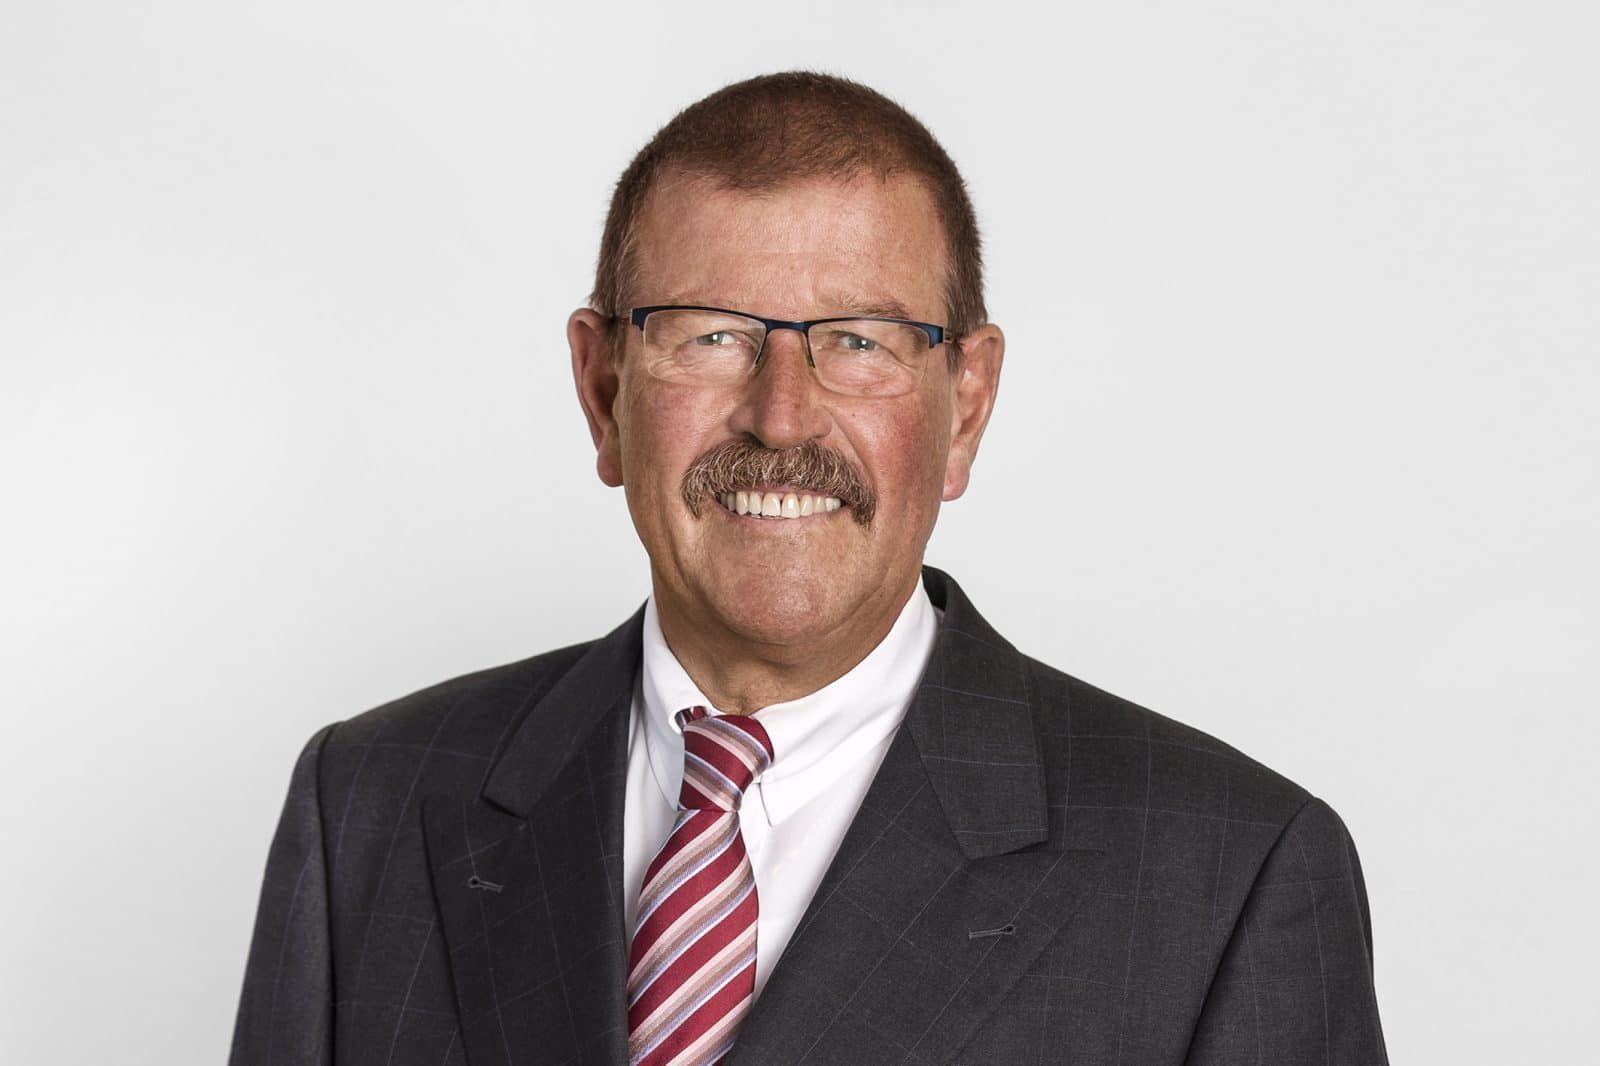 Wolfgang P. Albeck-Vorsitzender der Geschäftsführung (CEO)